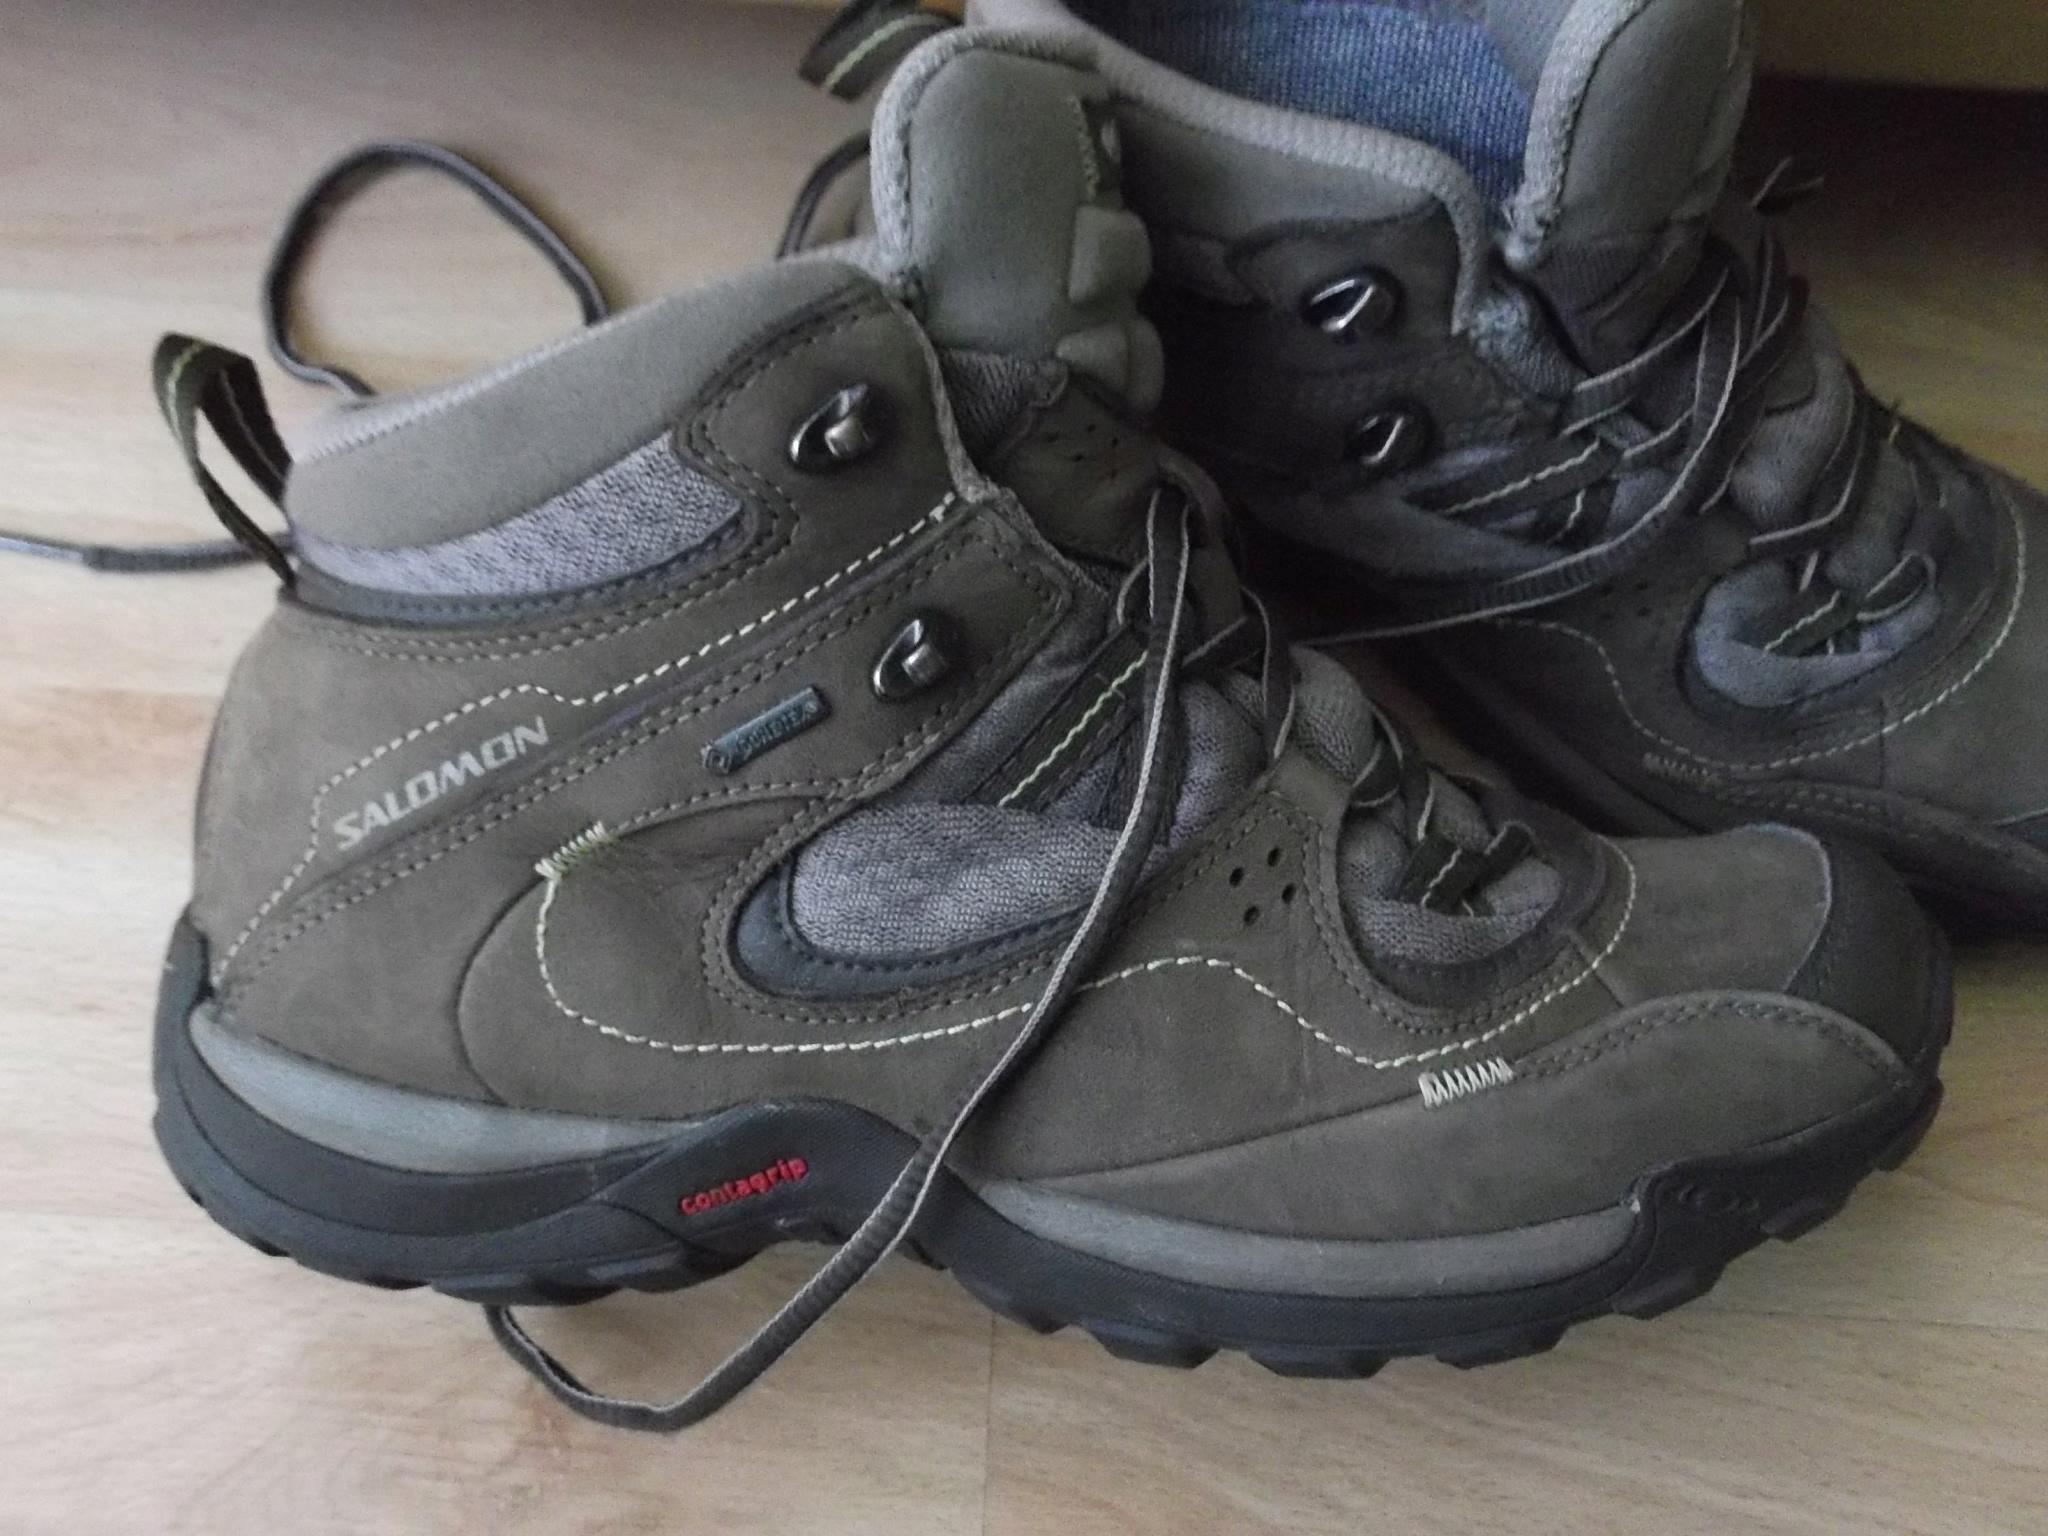 SALOMON ELIOS MID3 damskie buty turystyczne 38'2/3